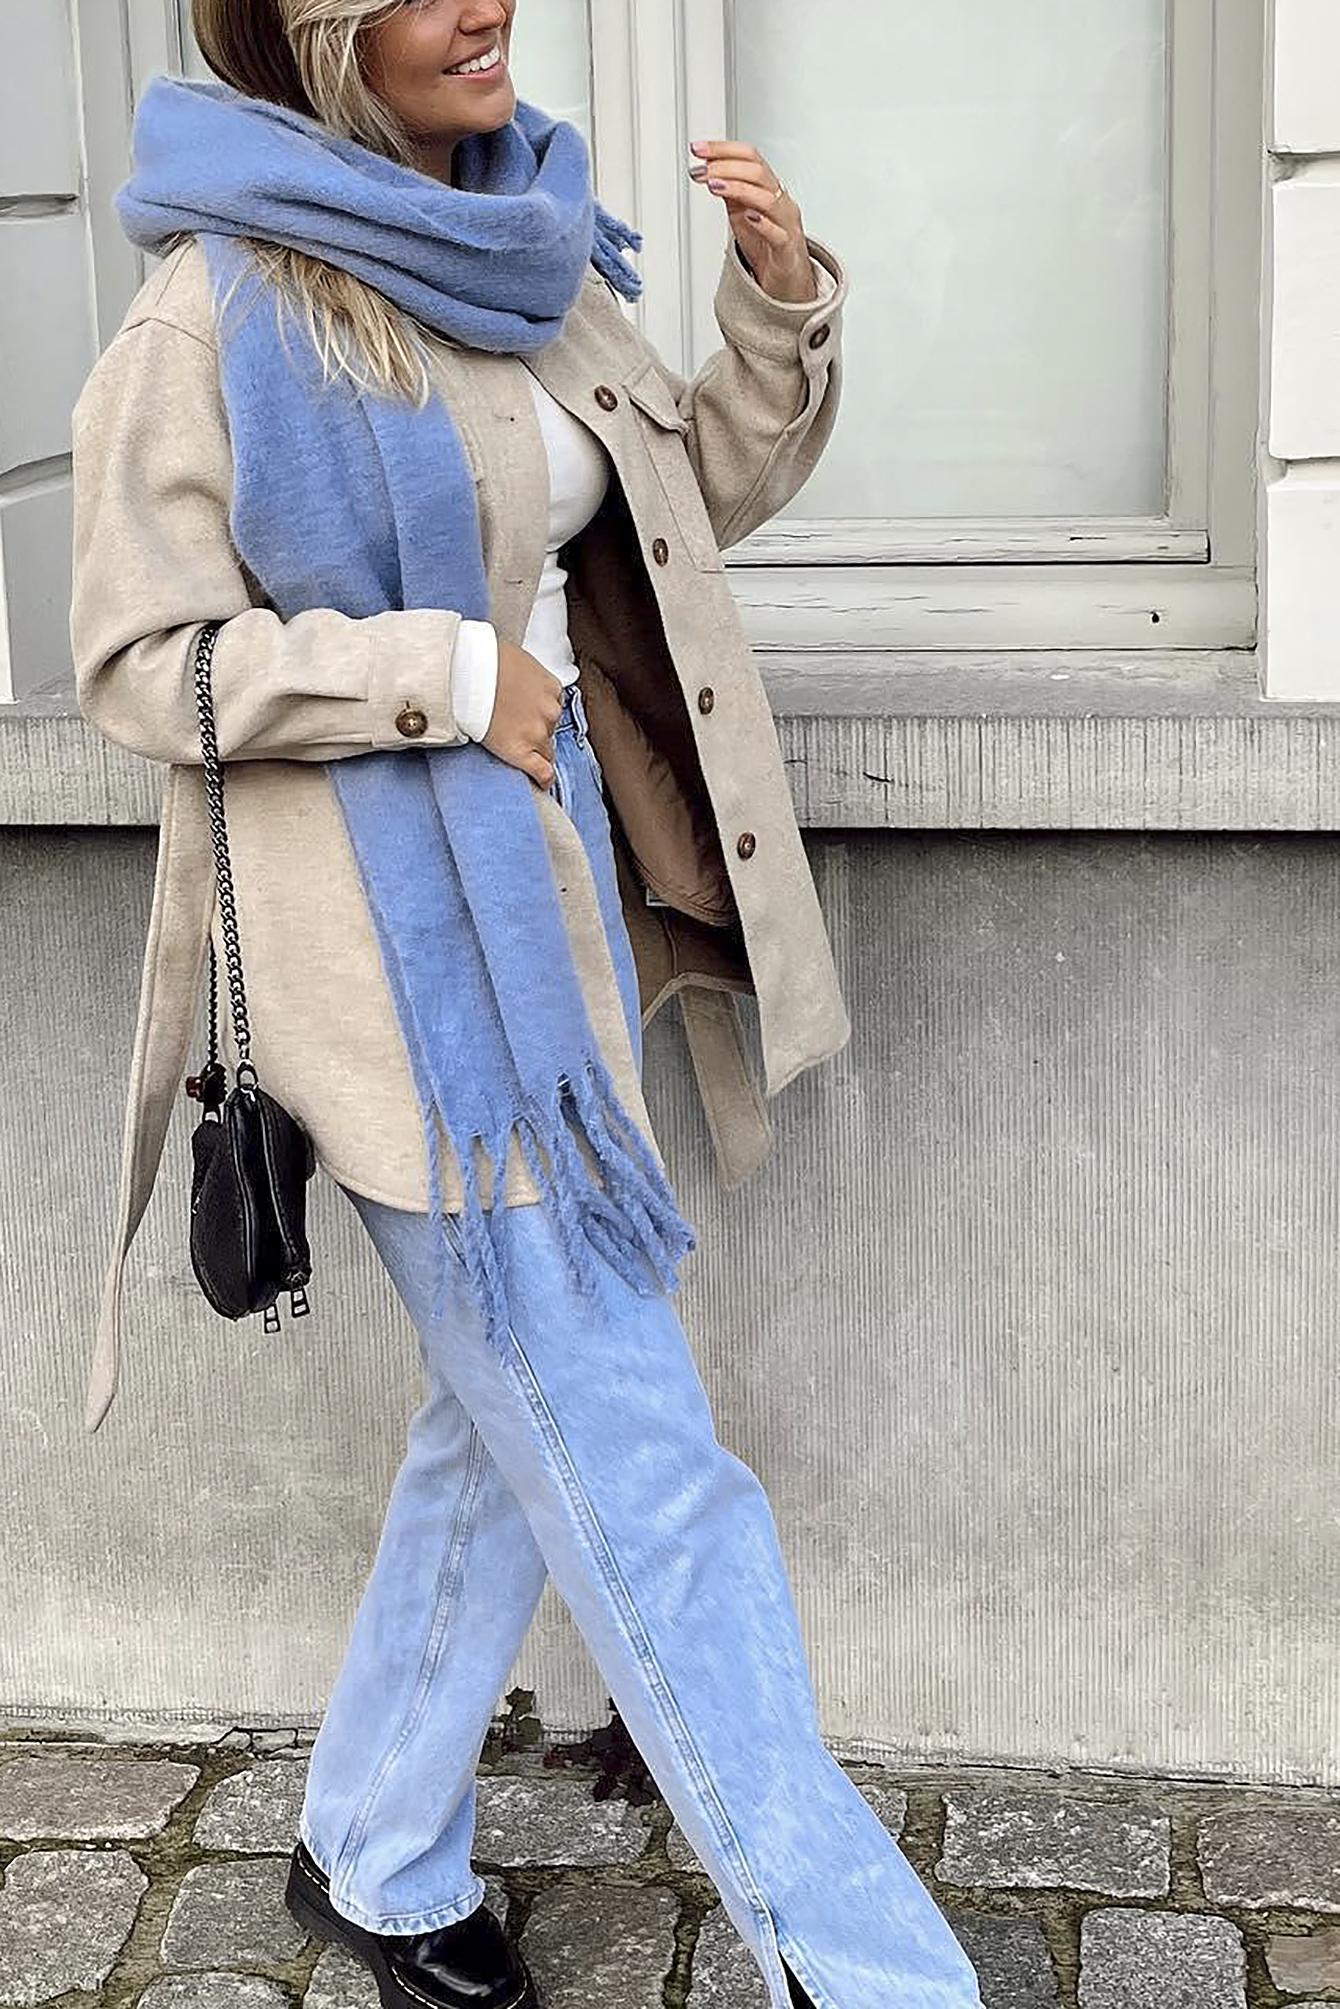 Se NA-KD Trend Vide Jeans I Vintage-Look Med Sideslids - Blue ved NA-KD